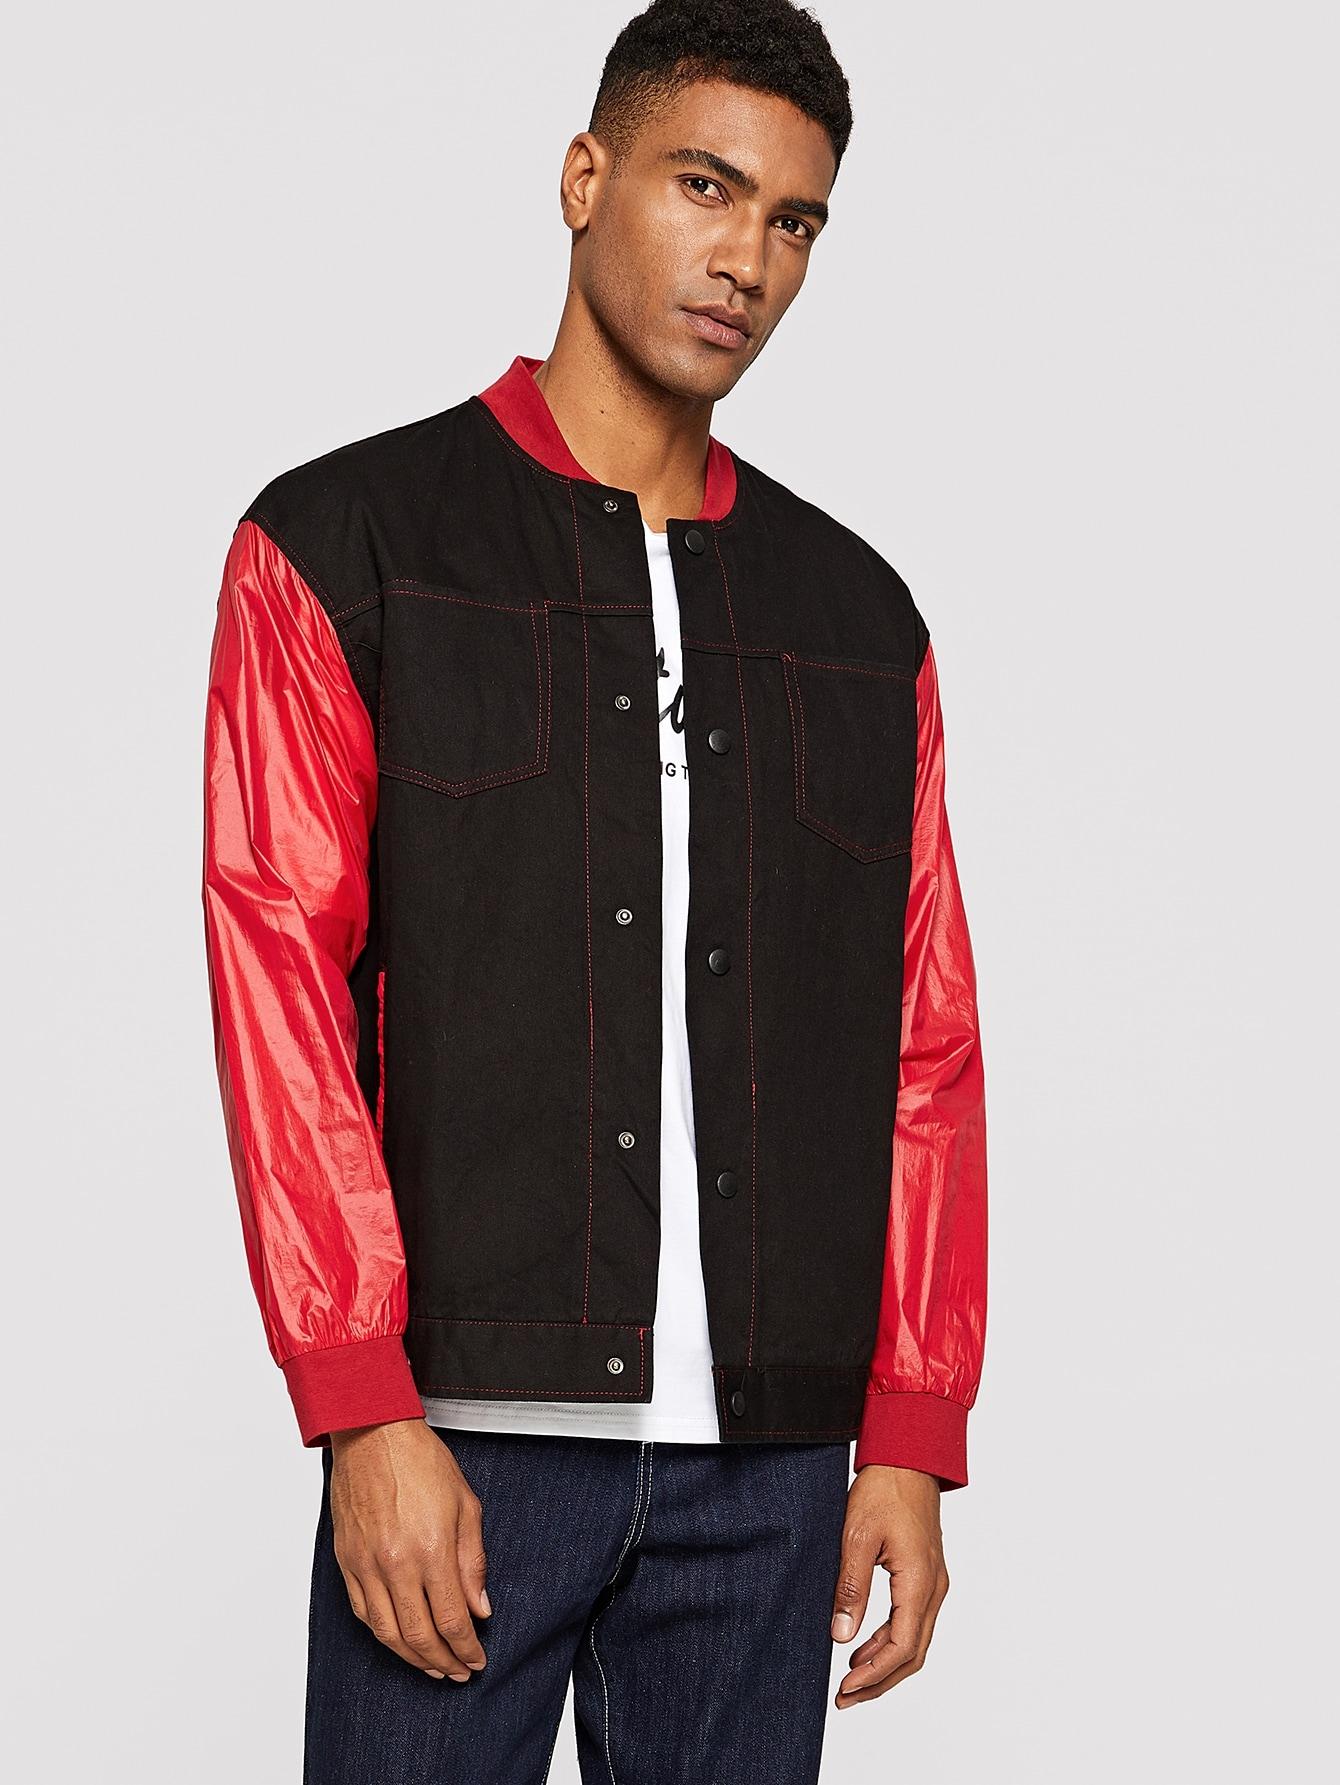 Купить Мужская контрастная куртка с пуговицами и карманом, Johnn Silva, SheIn